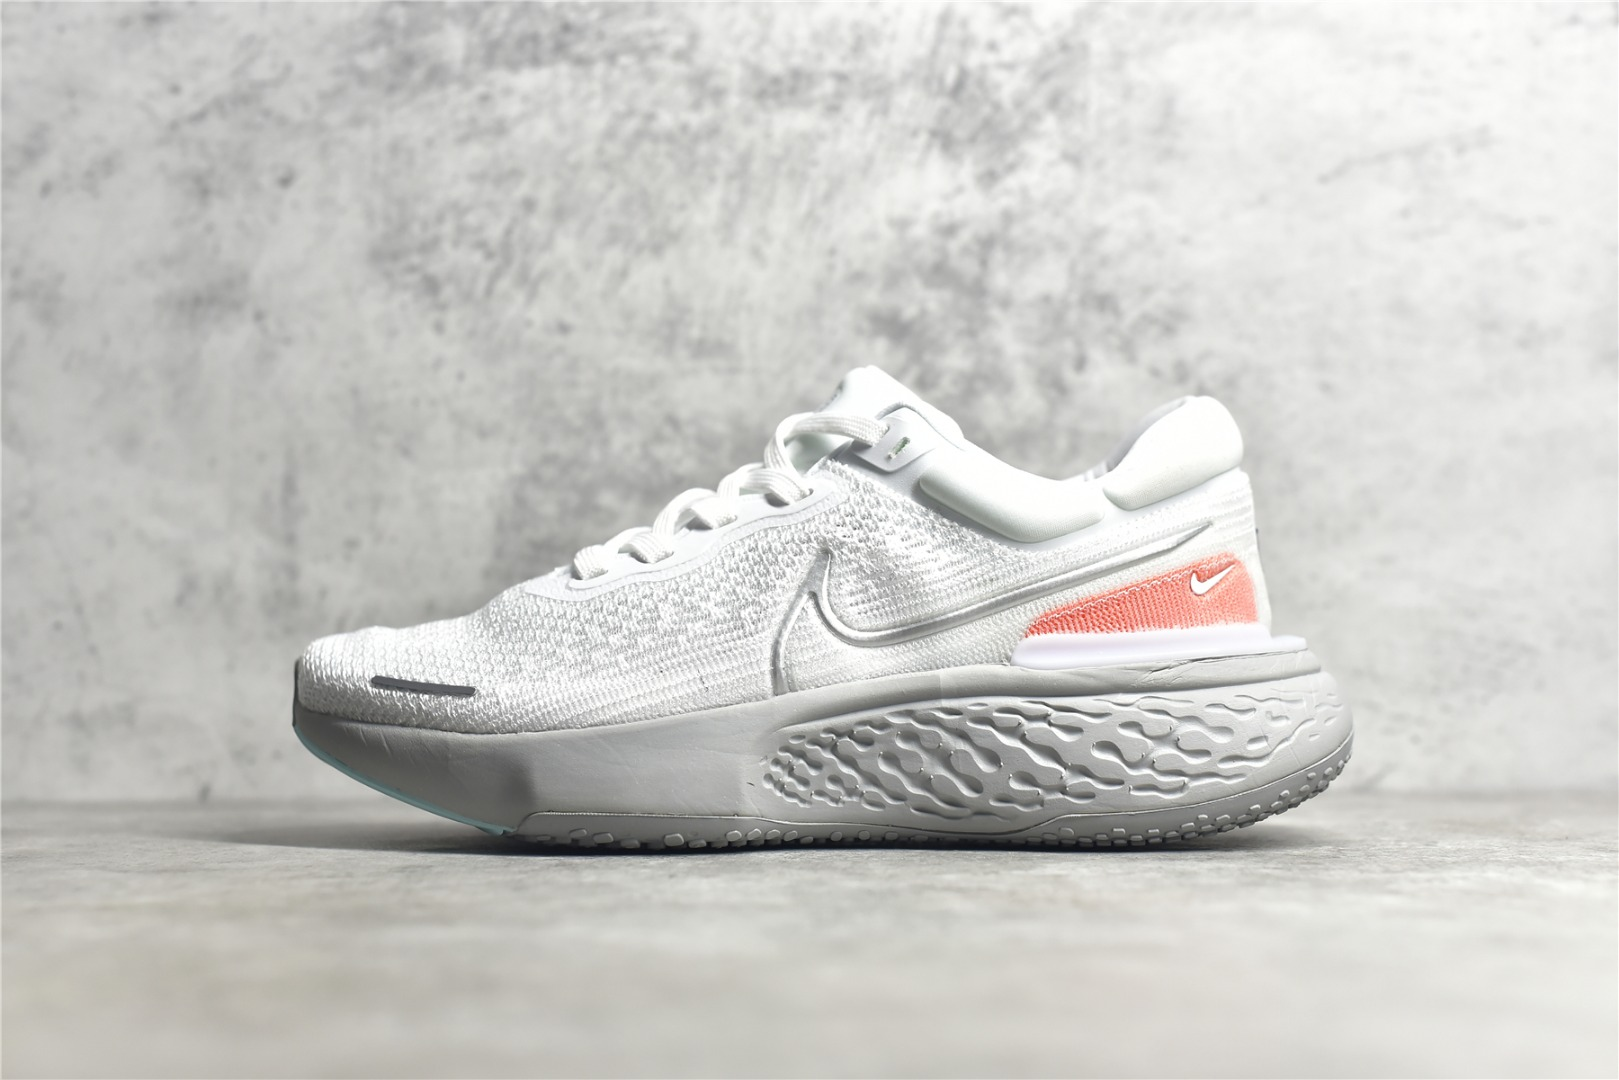 耐克Zoomx跑鞋耐克瑞亚鞋款 Nike ZoomX Invincible Run FK 耐克白灰色轻跑鞋 耐克2021新款跑鞋 货号:CT2228-108-潮流者之家